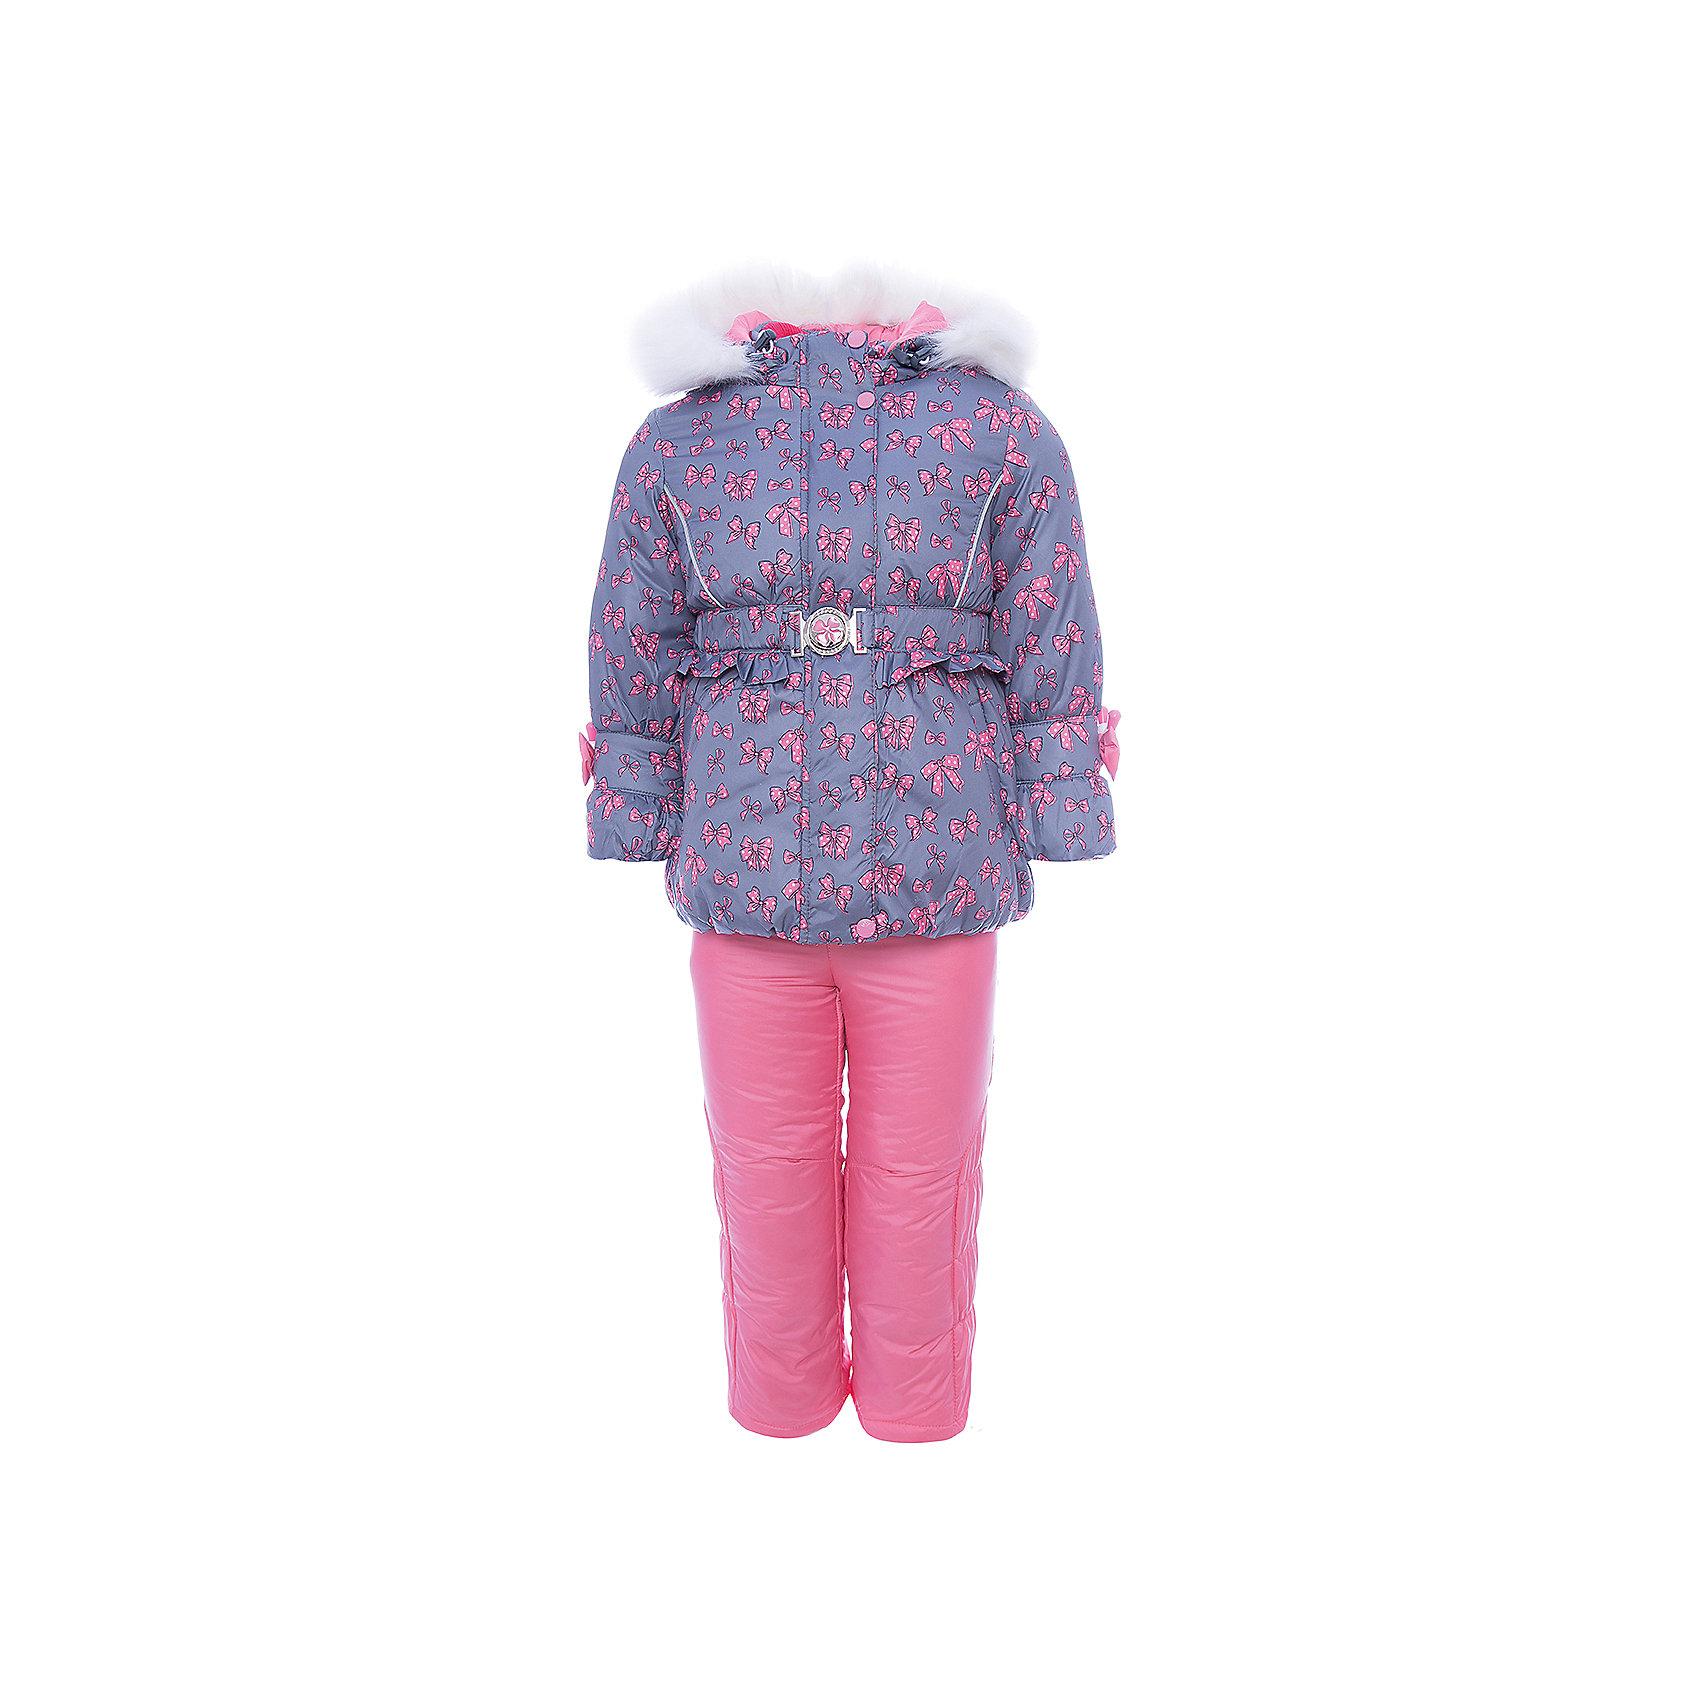 Комплект: куртка и полукомбинезон Арина OLDOS для девочкиВерхняя одежда<br>Характеристики товара:<br><br>• цвет: серый<br>• комплектация: куртка и полукомбинезон<br>• состав ткани: 100% полиэстер, пропитка Teflon<br>• подкладка: хлопок, полиэстер<br>• утеплитель: Hollofan 250/200 г/м2<br>• подстежка: 60% шерсть, 40% полиэстер<br>• сезон: зима<br>• температурный режим: от -35 до 0<br>• застежка: молния<br>• капюшон: с мехом, съемный<br>• подстежка в комплекте<br>• страна бренда: Россия<br>• страна изготовитель: Россия<br><br>Зимний комплект сделан из качественных материалов. Такой костюм для девочки дополнен шерстяной подстежкой. Комплект для девочки дополнен удобными эластичными регулируемыми подтяжками, капюшоном, планкой и внутренней манжетой. Зимний детский комплект обеспечит тепло и комфорт в холода.<br><br>Комплект: куртка и полукомбинезон Арина Oldos (Олдос) для девочки можно купить в нашем интернет-магазине.<br><br>Ширина мм: 356<br>Глубина мм: 10<br>Высота мм: 245<br>Вес г: 519<br>Цвет: серый<br>Возраст от месяцев: 6<br>Возраст до месяцев: 9<br>Пол: Женский<br>Возраст: Детский<br>Размер: 74,104,98,92,86,80<br>SKU: 7016848